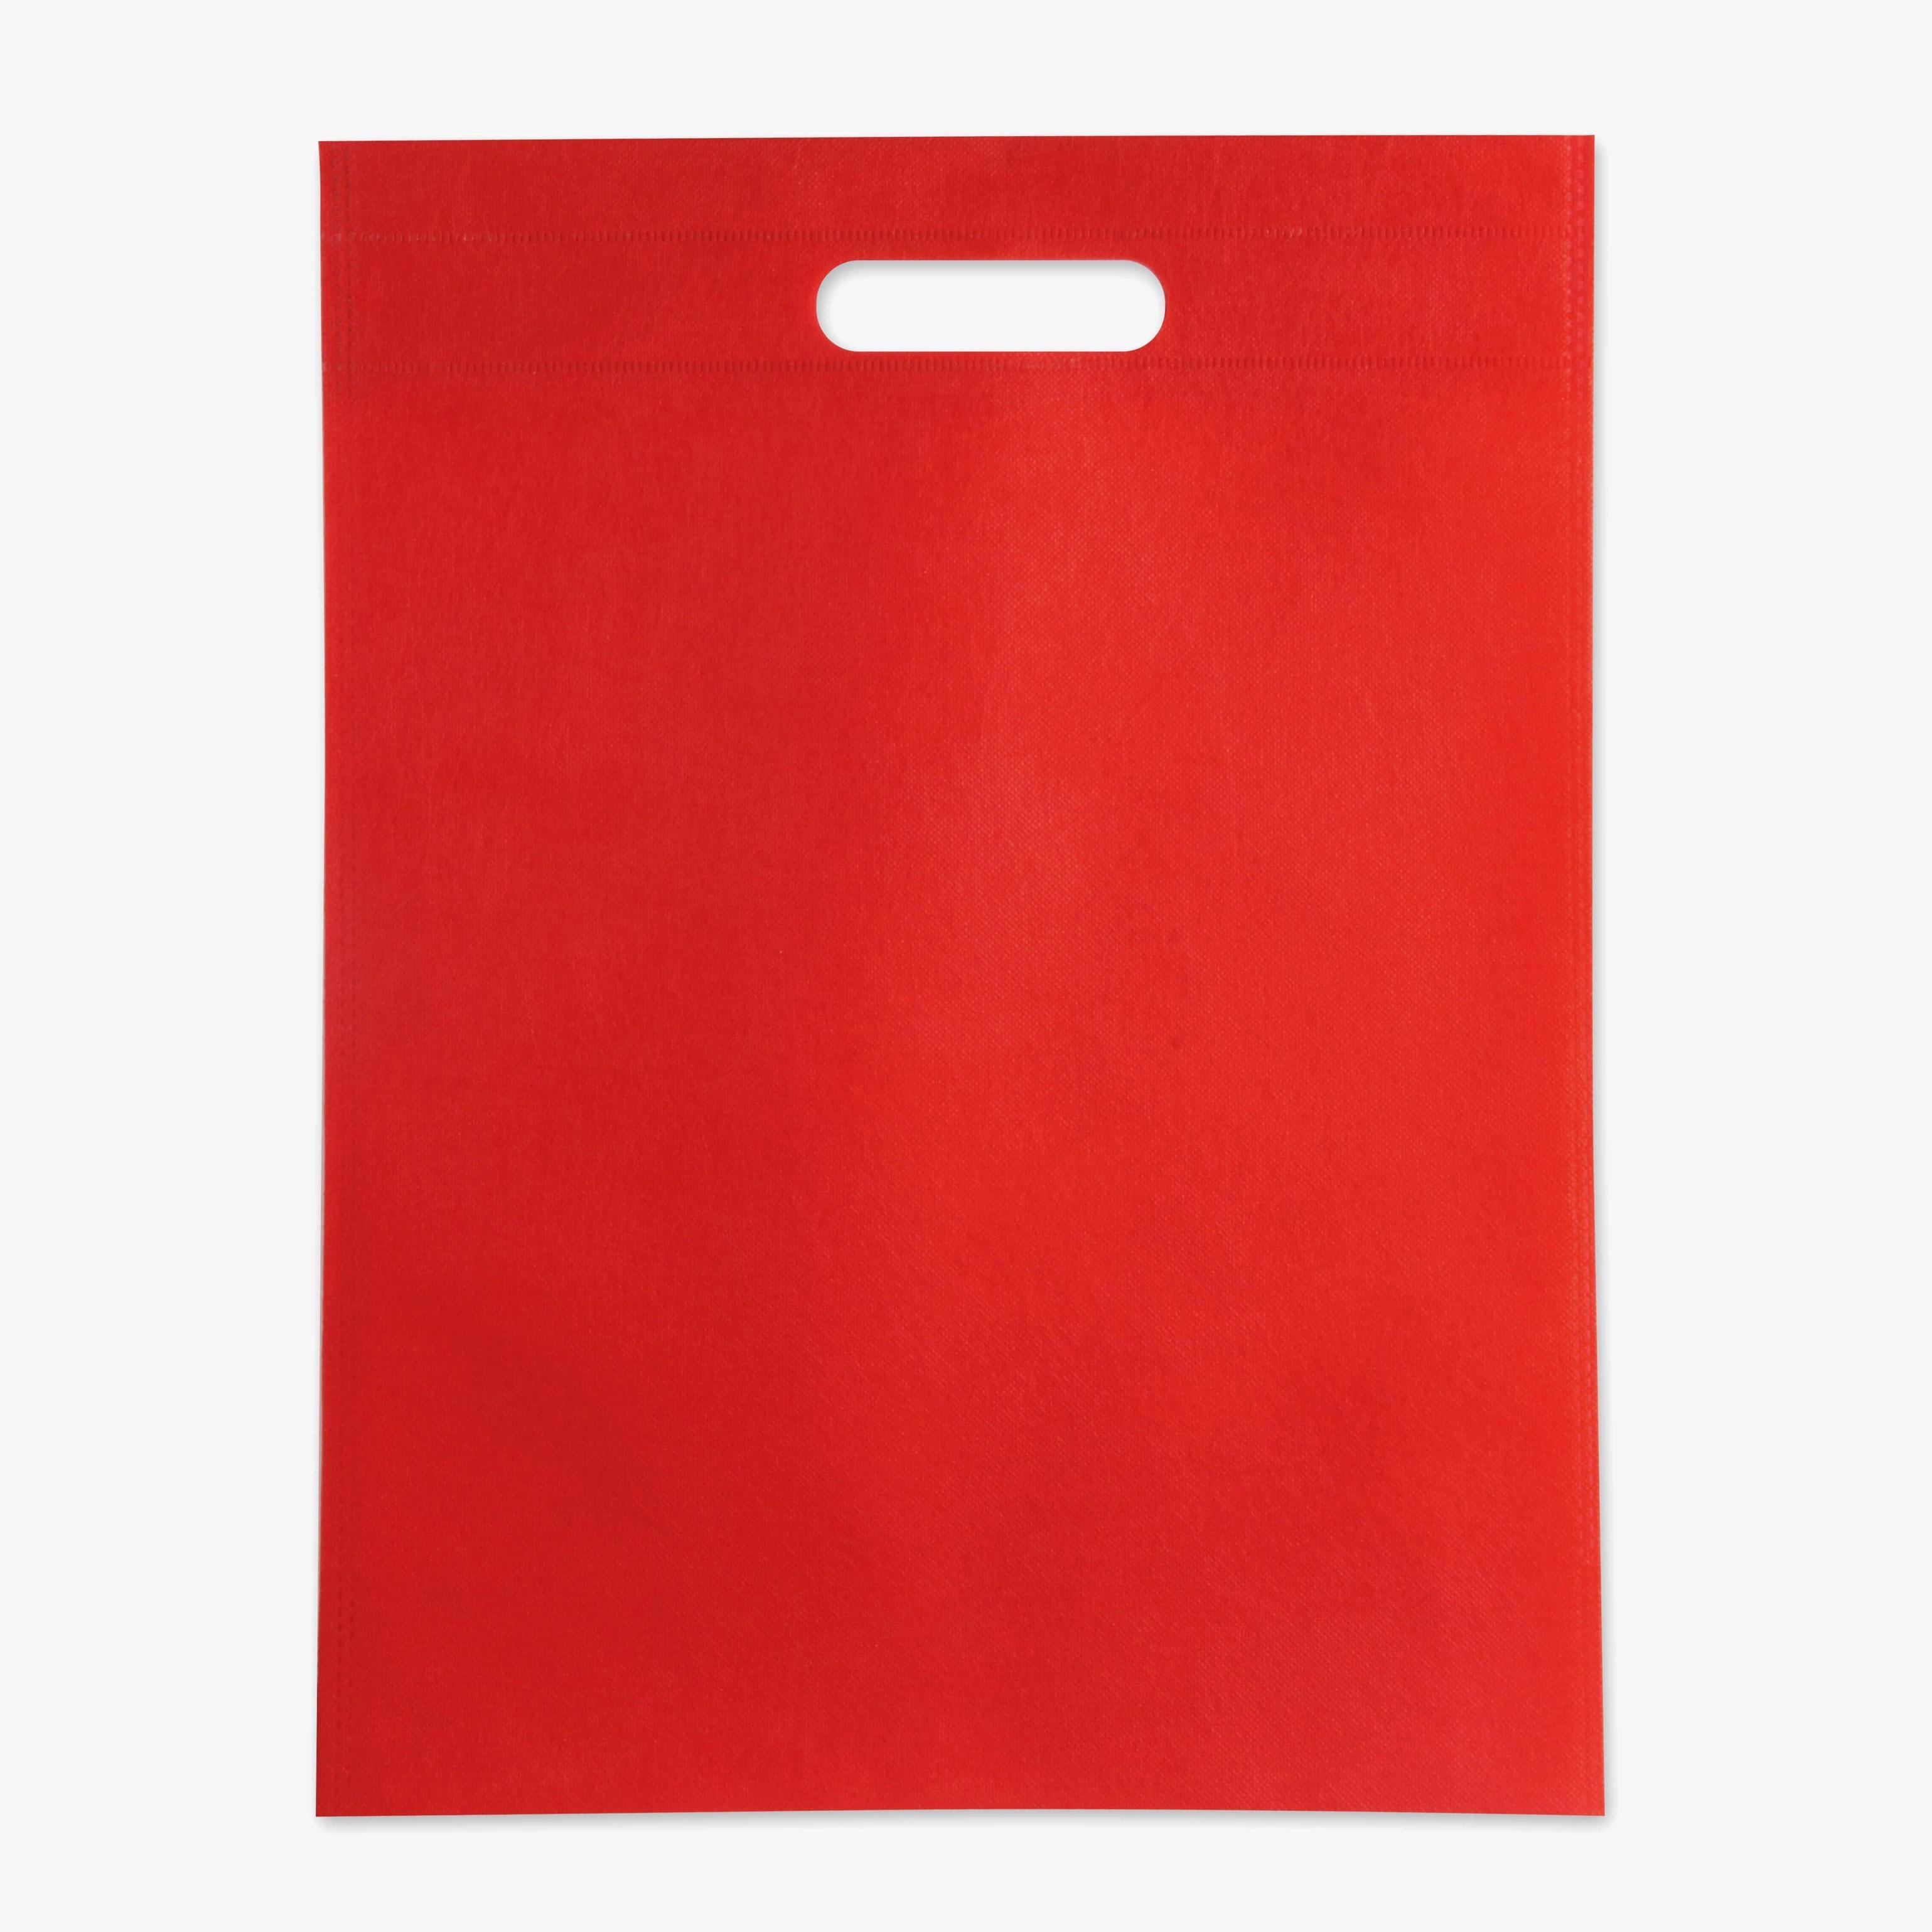 PKD35x50H 红色平口袋 35x50cm 150个